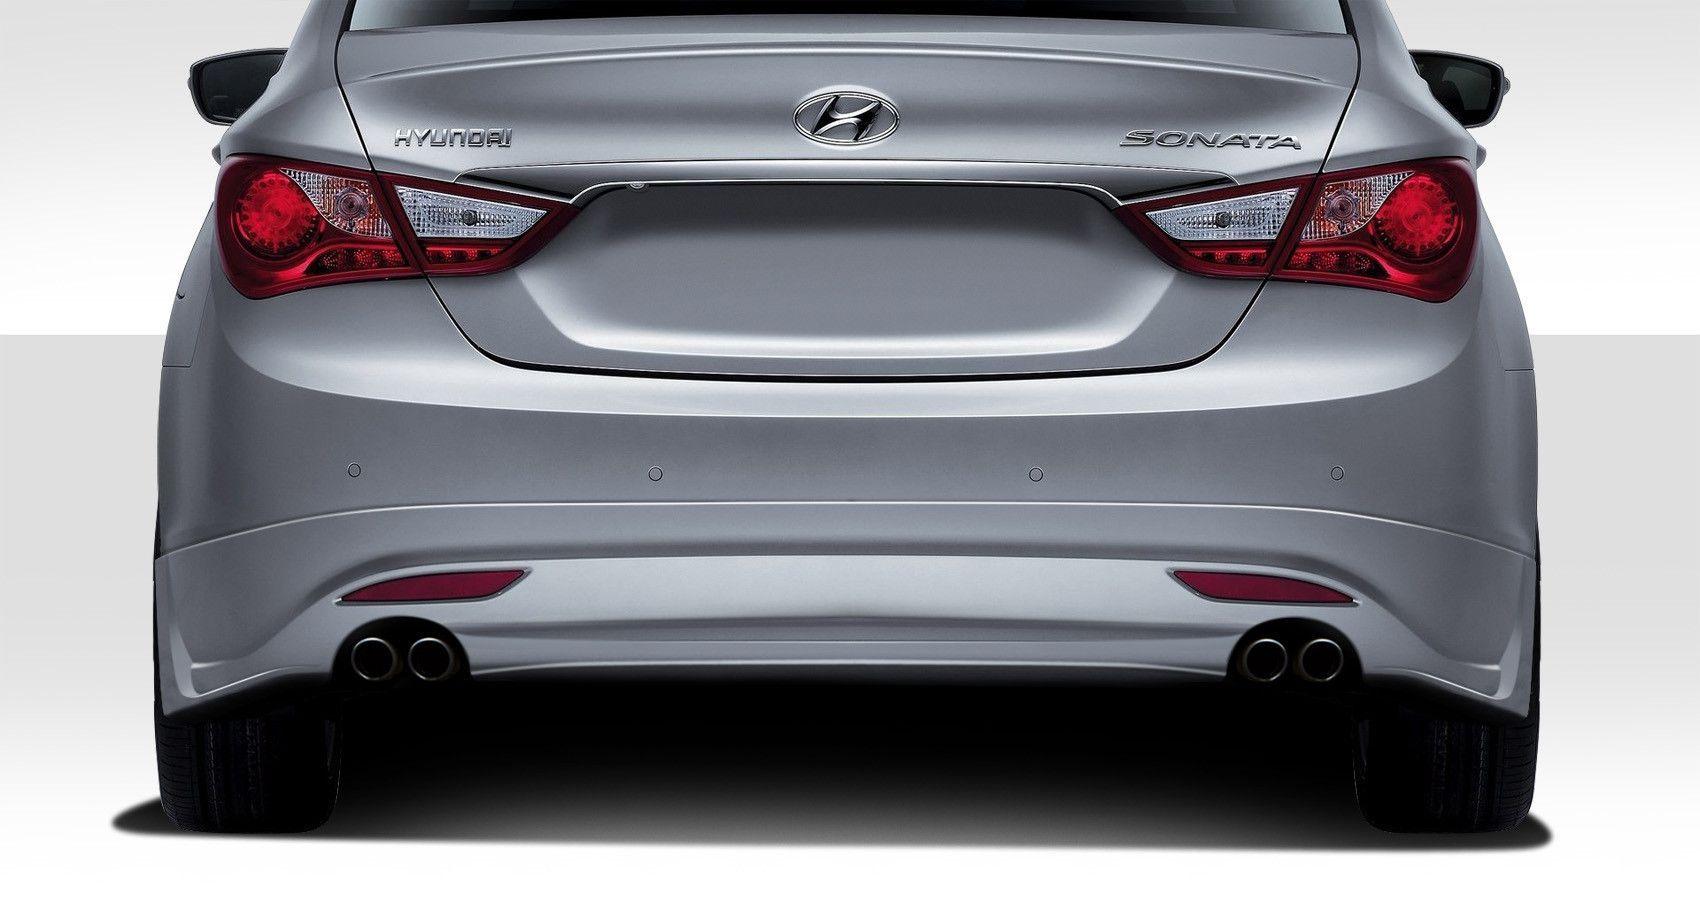 2011-2013 Hyundai Sonata Duraflex Racer Rear Lip Under Air Dam Spoiler - 1 Piece